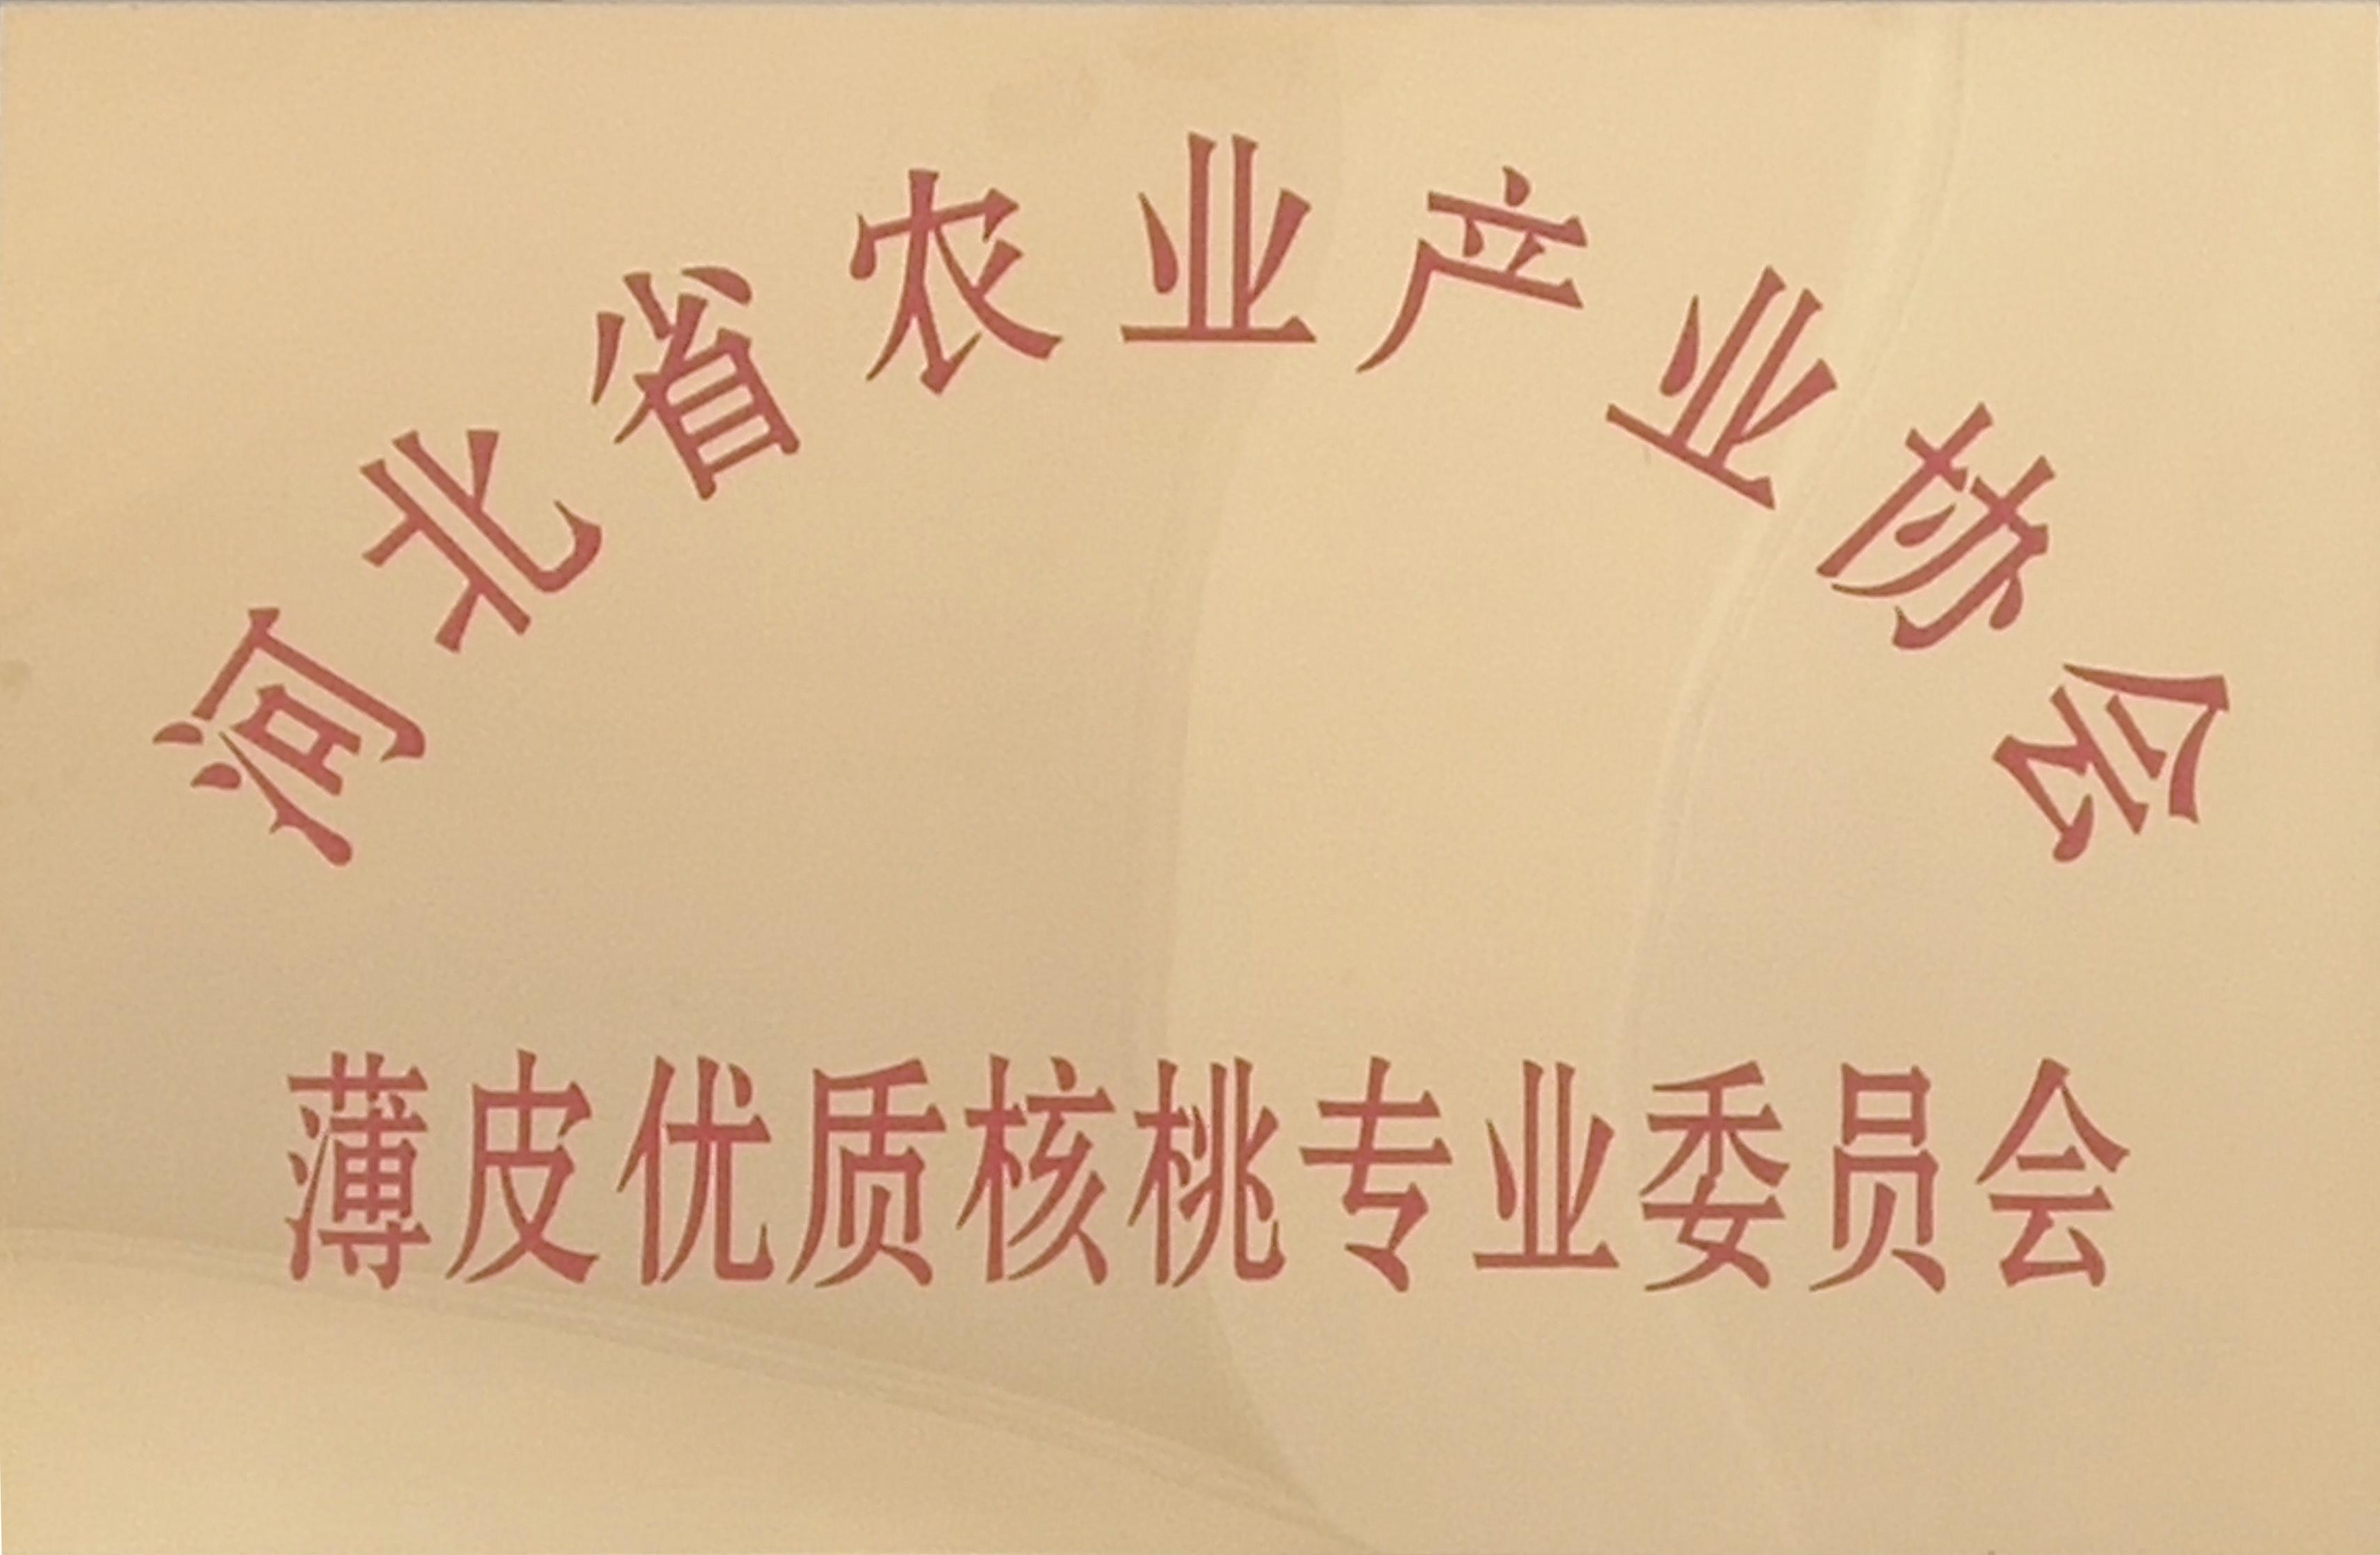 薄皮优质核桃专业委员会(河北省农业产业协会)